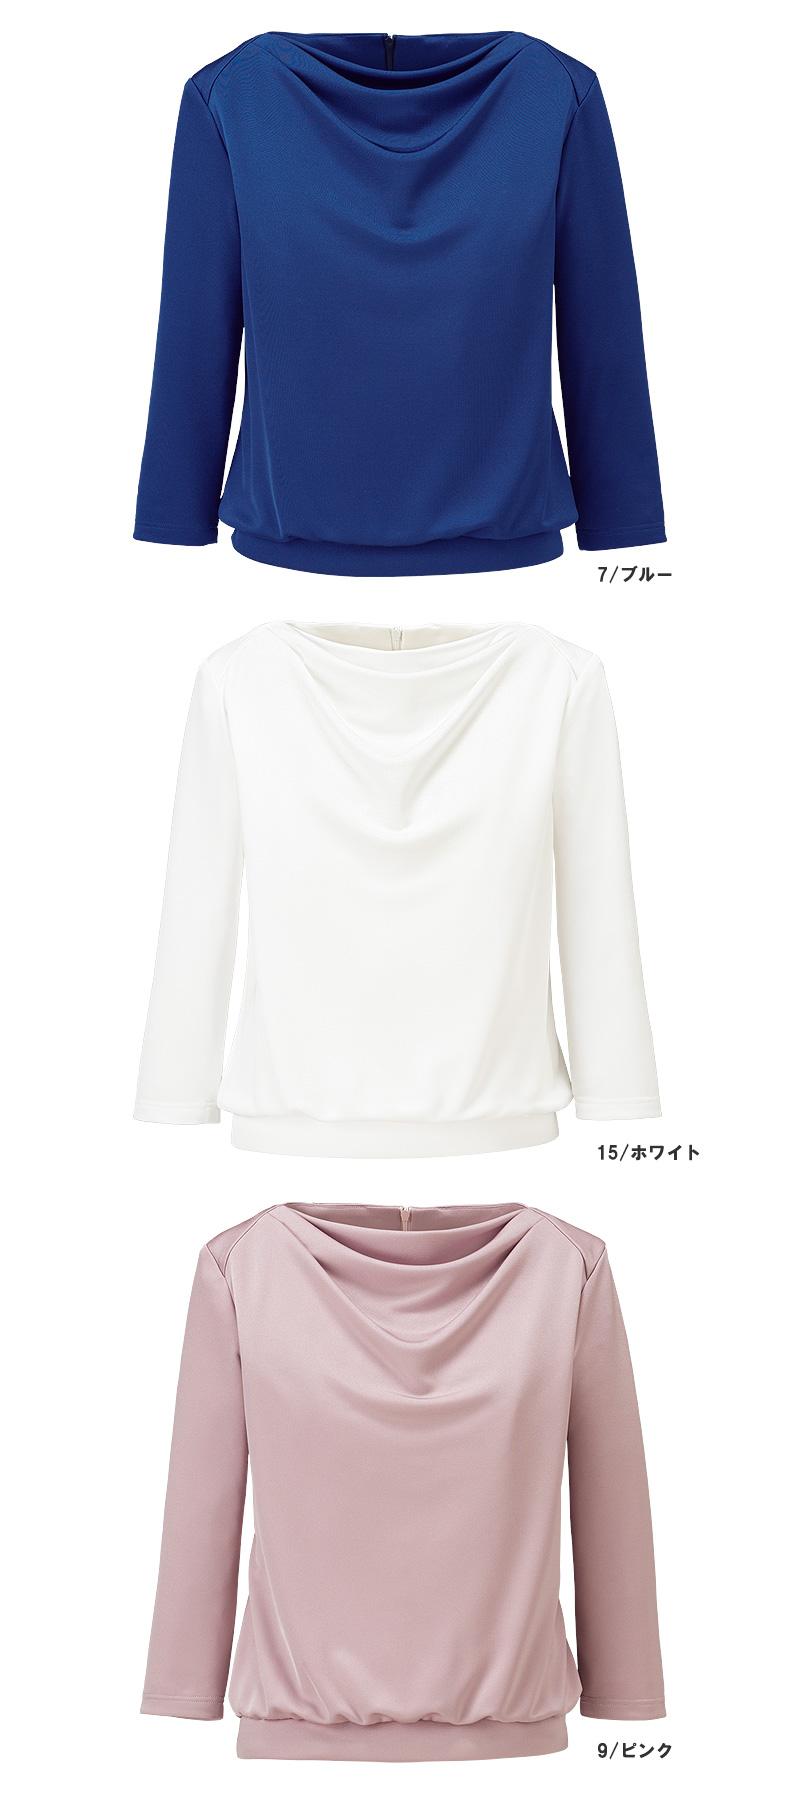 【3色】ドレープ七分袖ニット